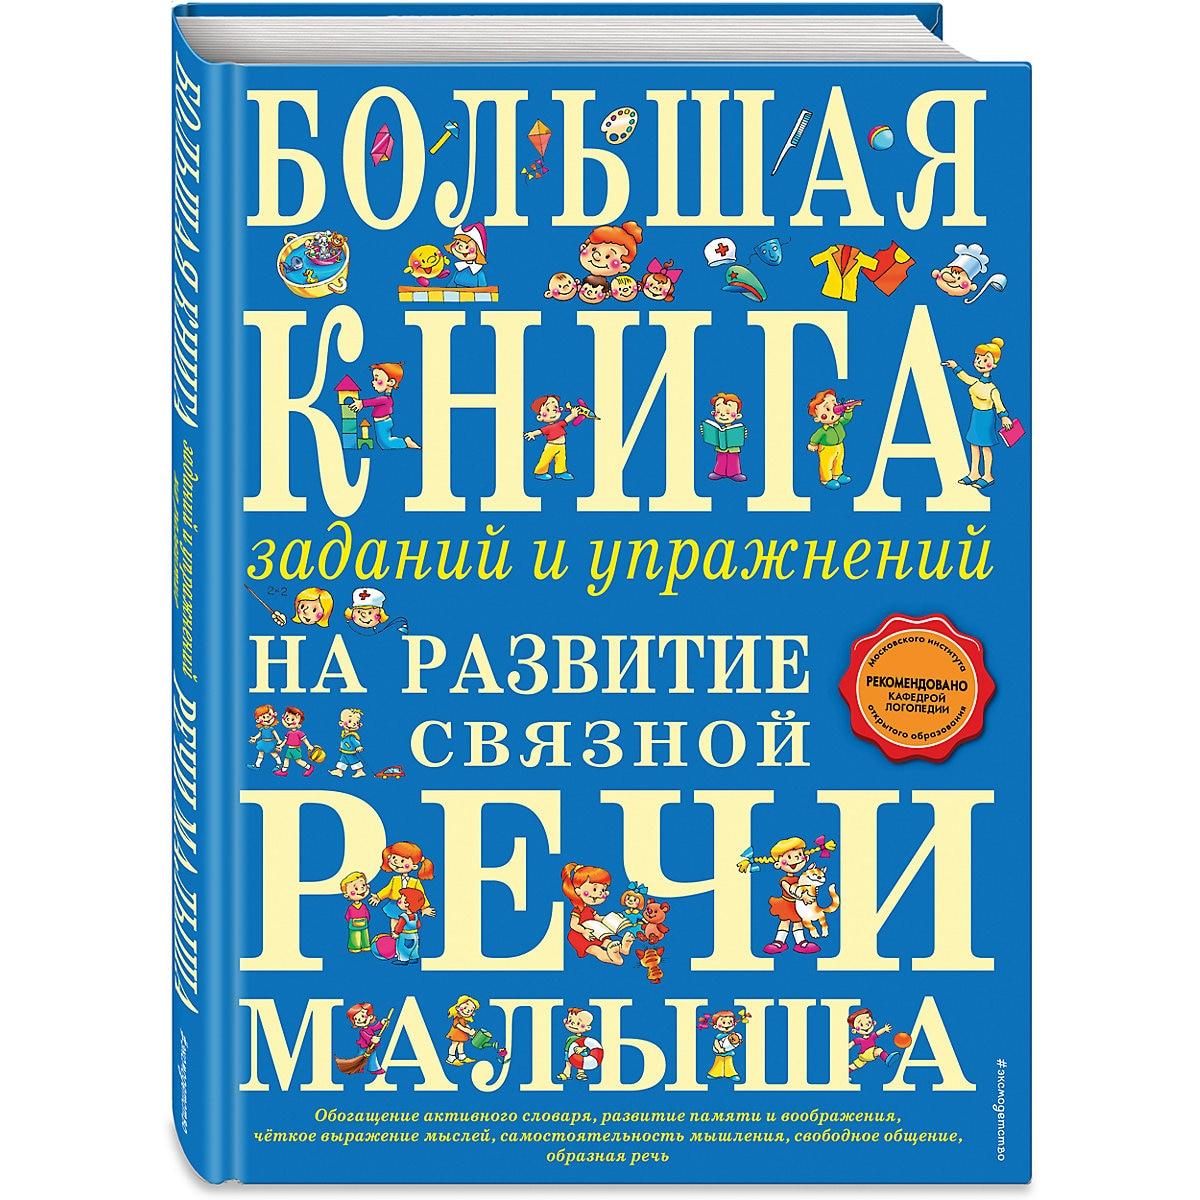 Libros EKSMO 4414812 niños educación encyclope alfabeto diccionario libro para bebé MTpromo